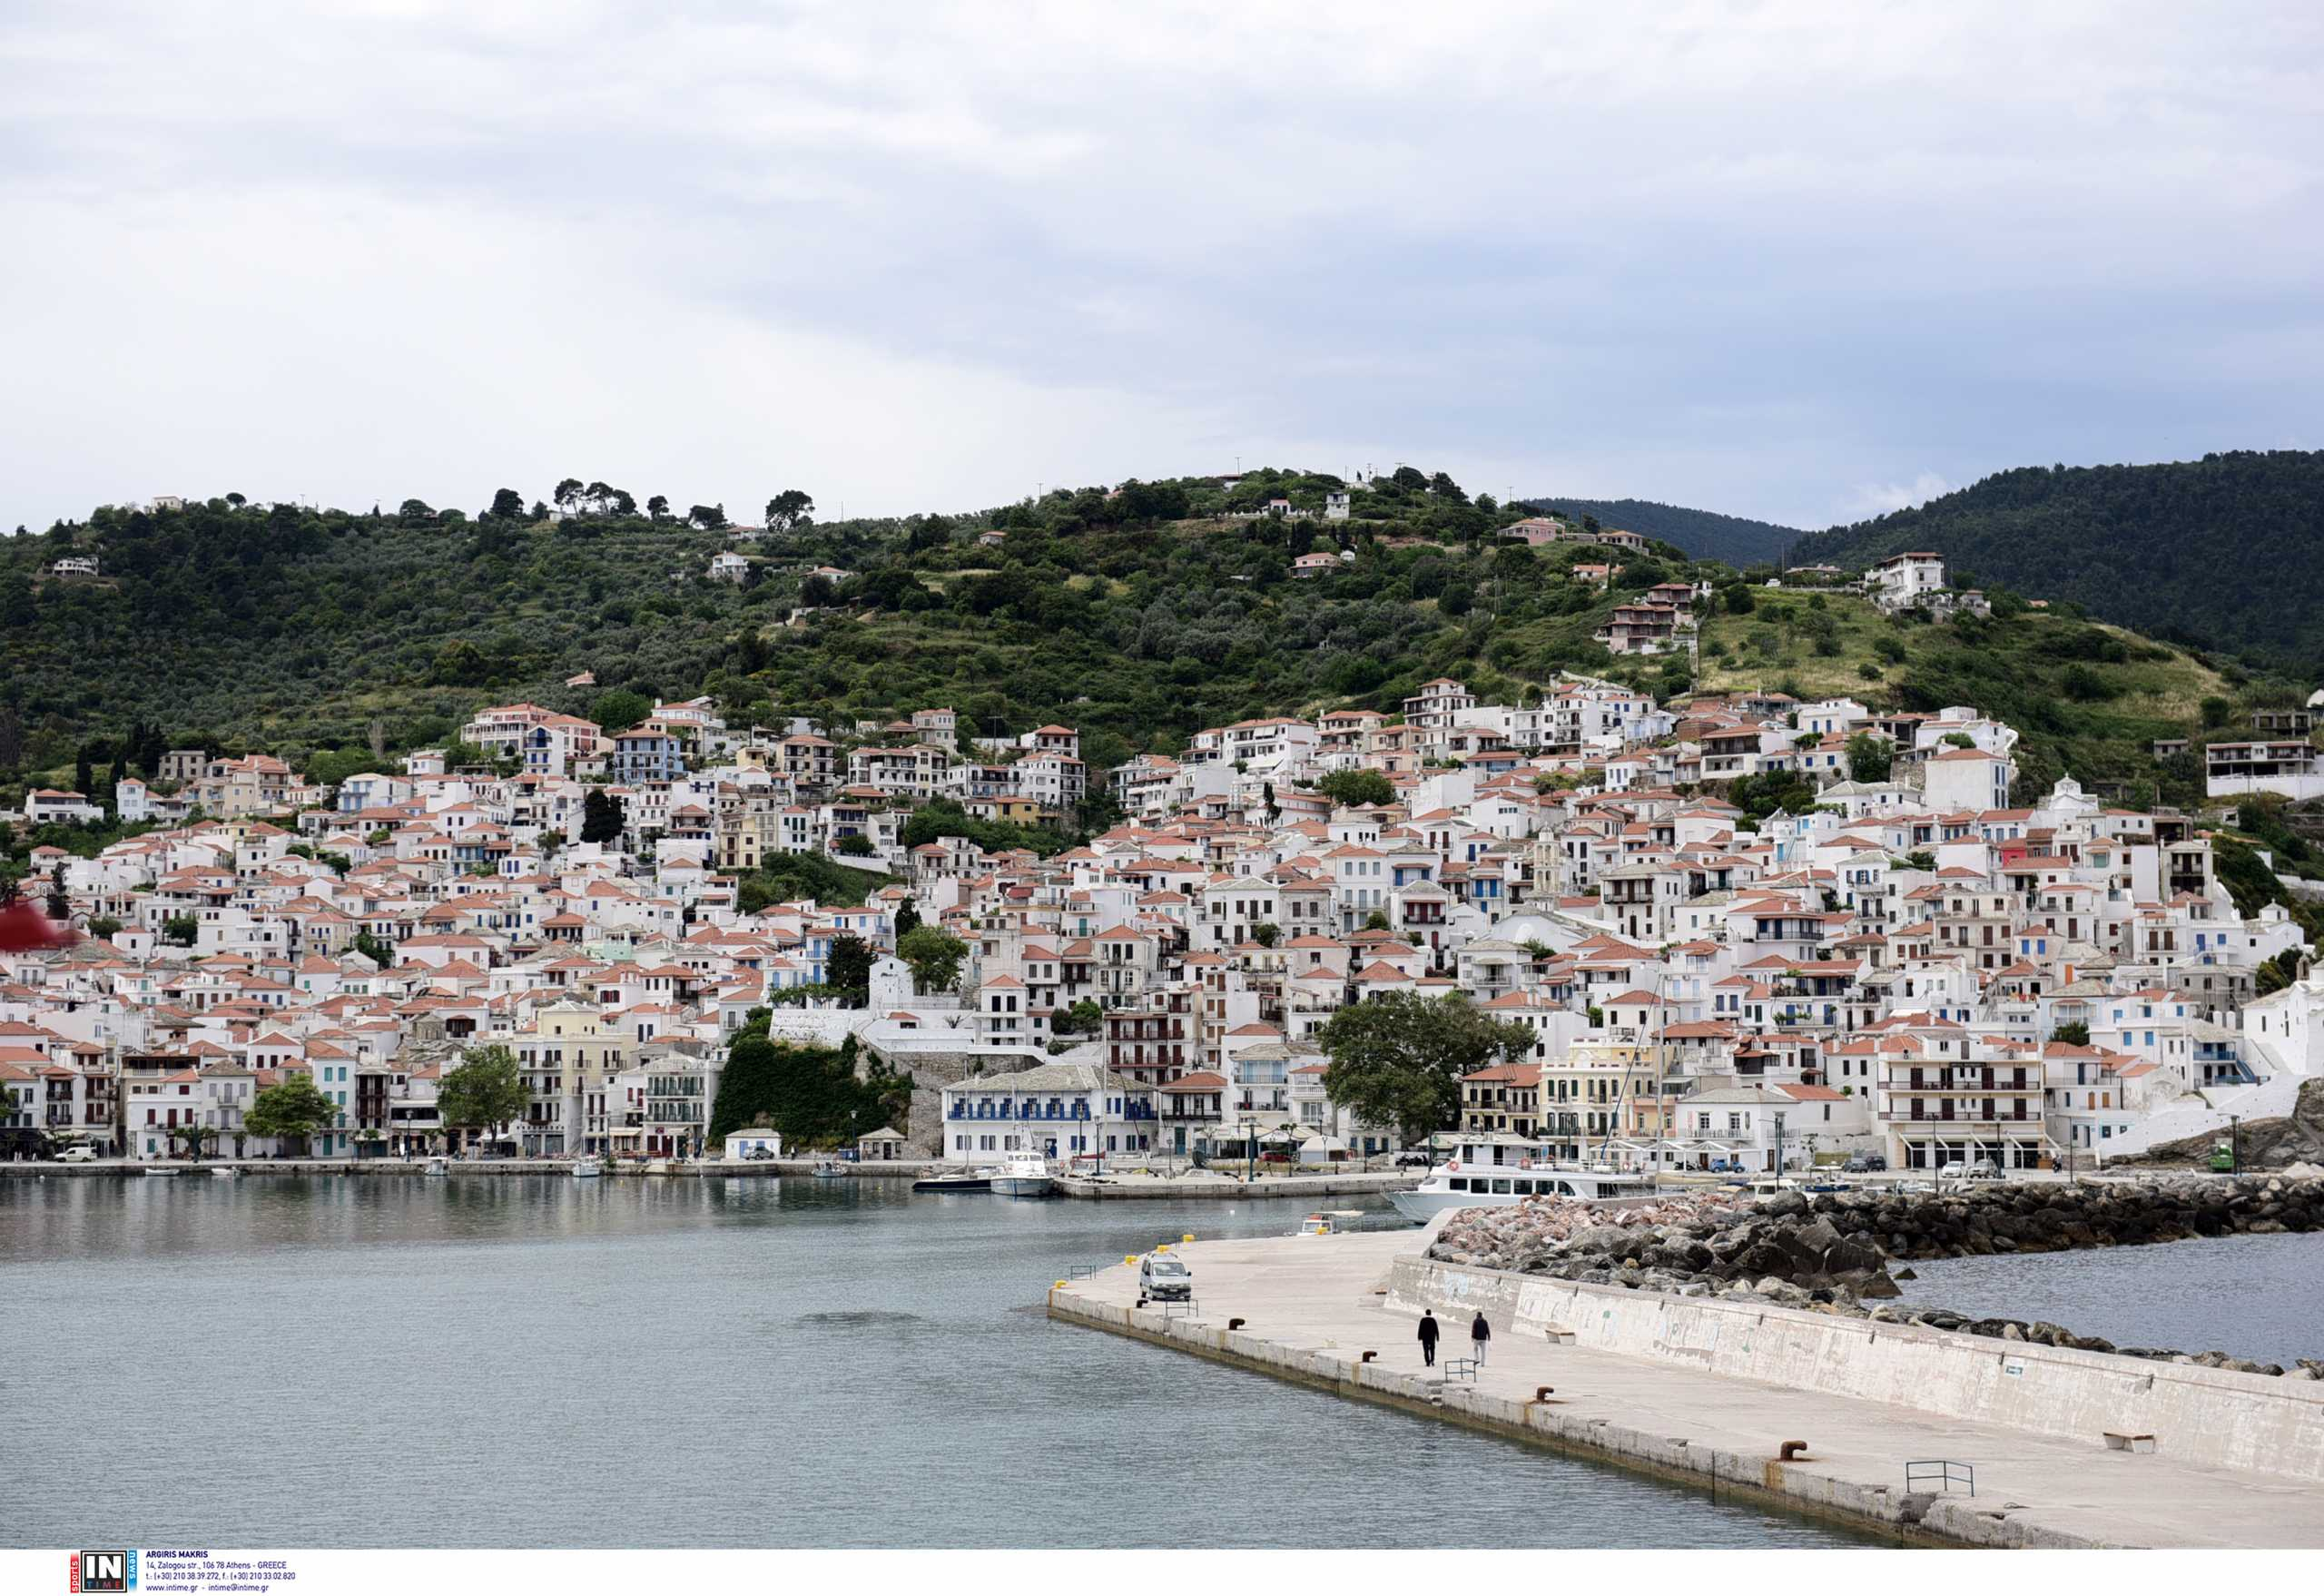 Σκόπελος: Το πλοίο τους άφησε σε άλλο λιμάνι από αυτό που περίμεναν – Οργή για την απίστευτη ταλαιπωρία